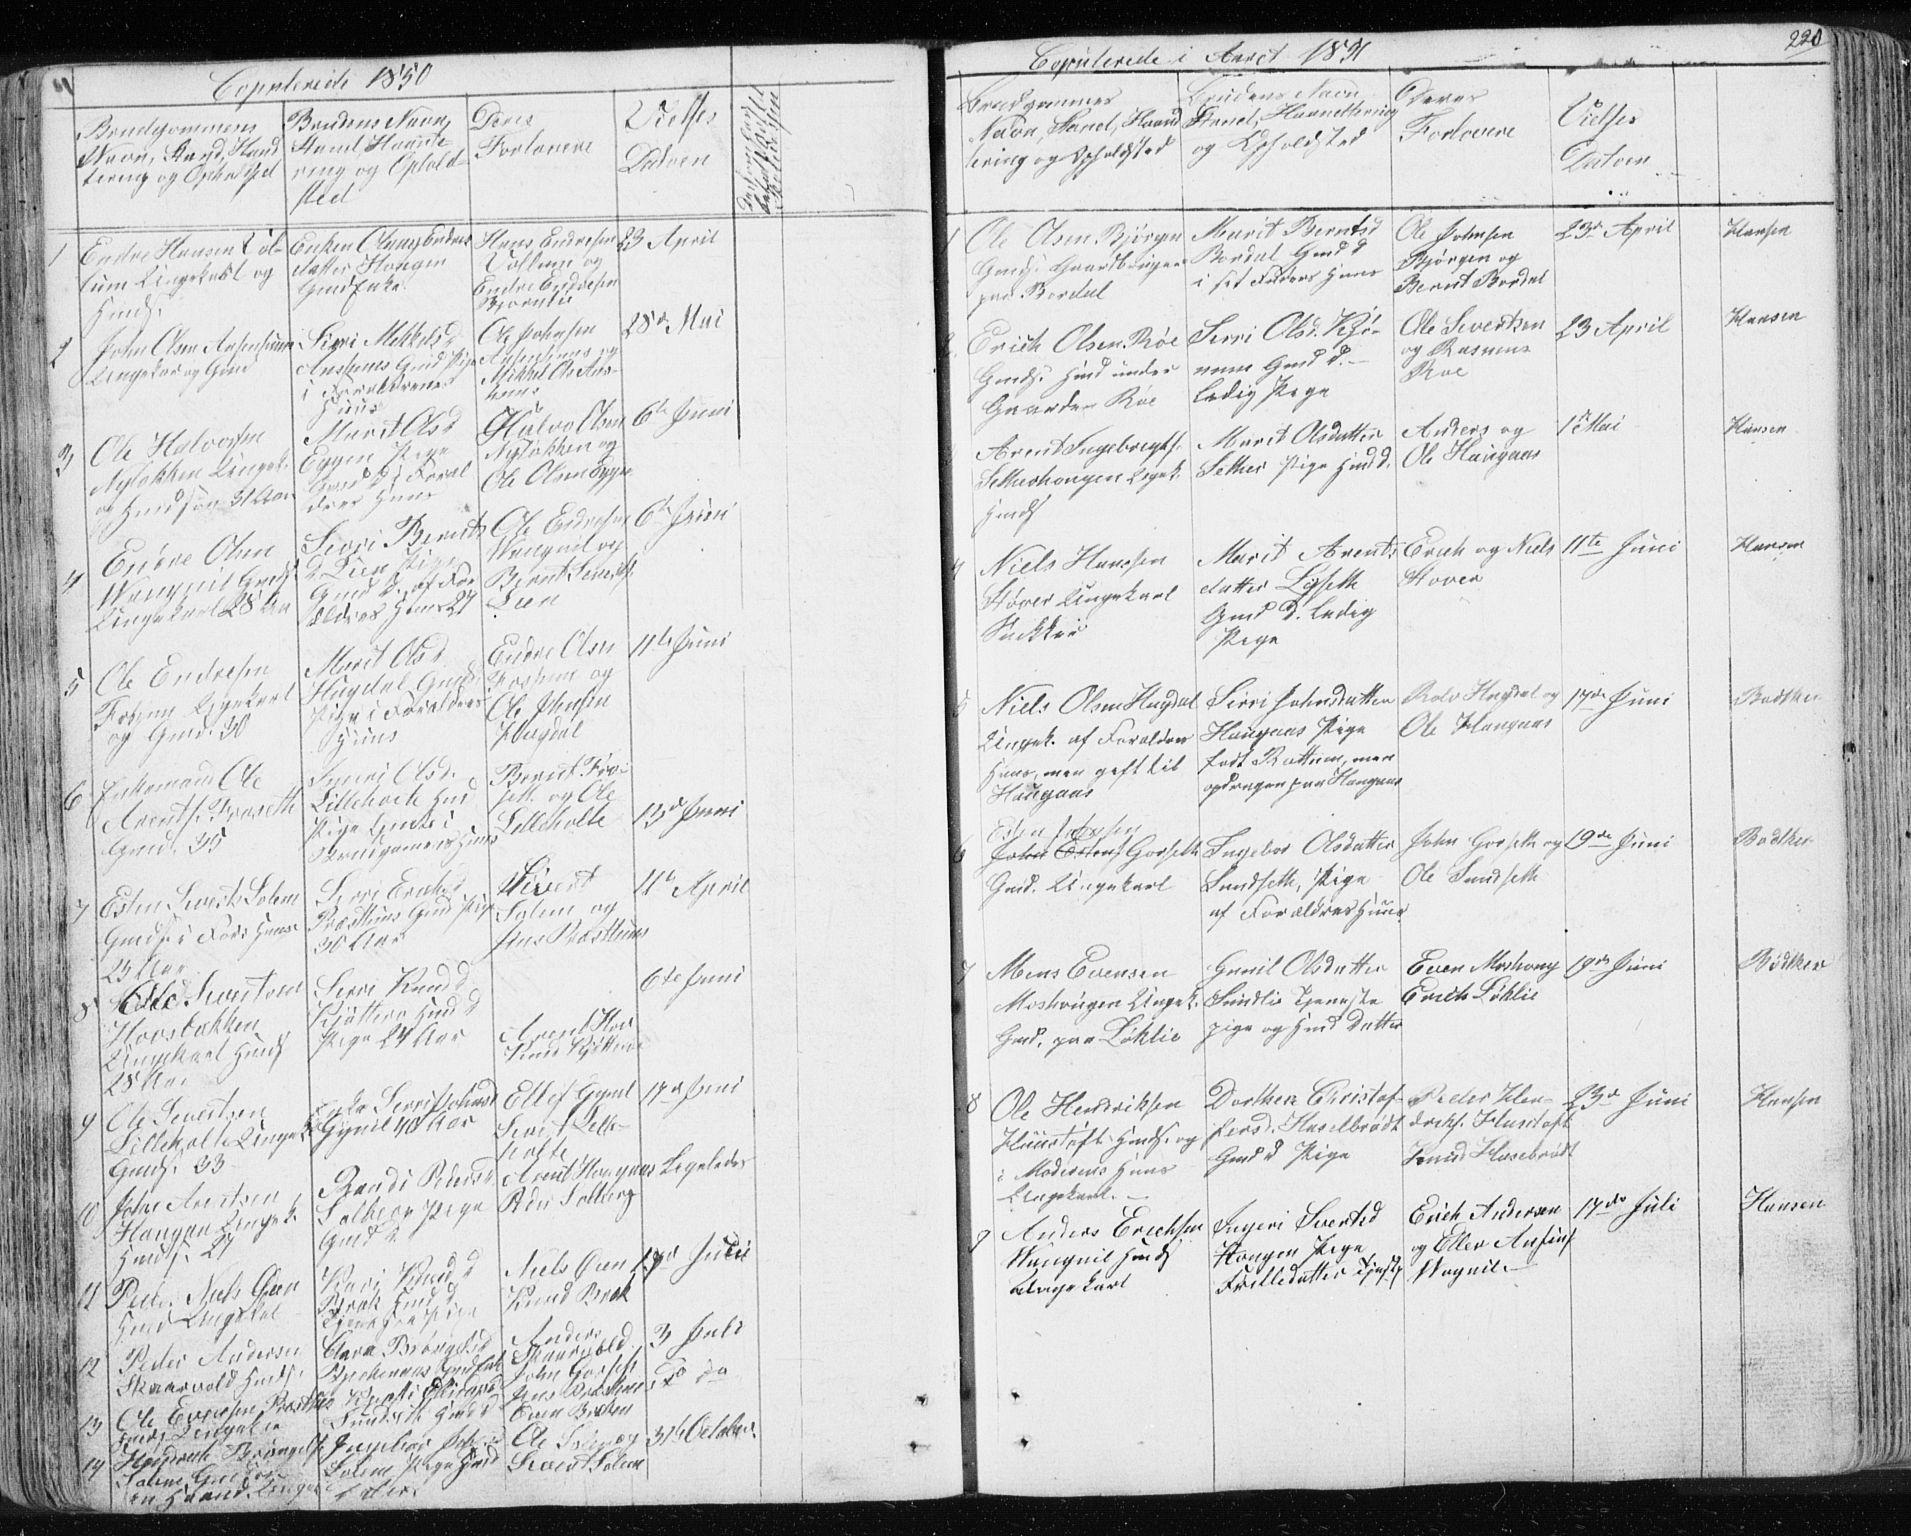 SAT, Ministerialprotokoller, klokkerbøker og fødselsregistre - Sør-Trøndelag, 689/L1043: Klokkerbok nr. 689C02, 1816-1892, s. 220